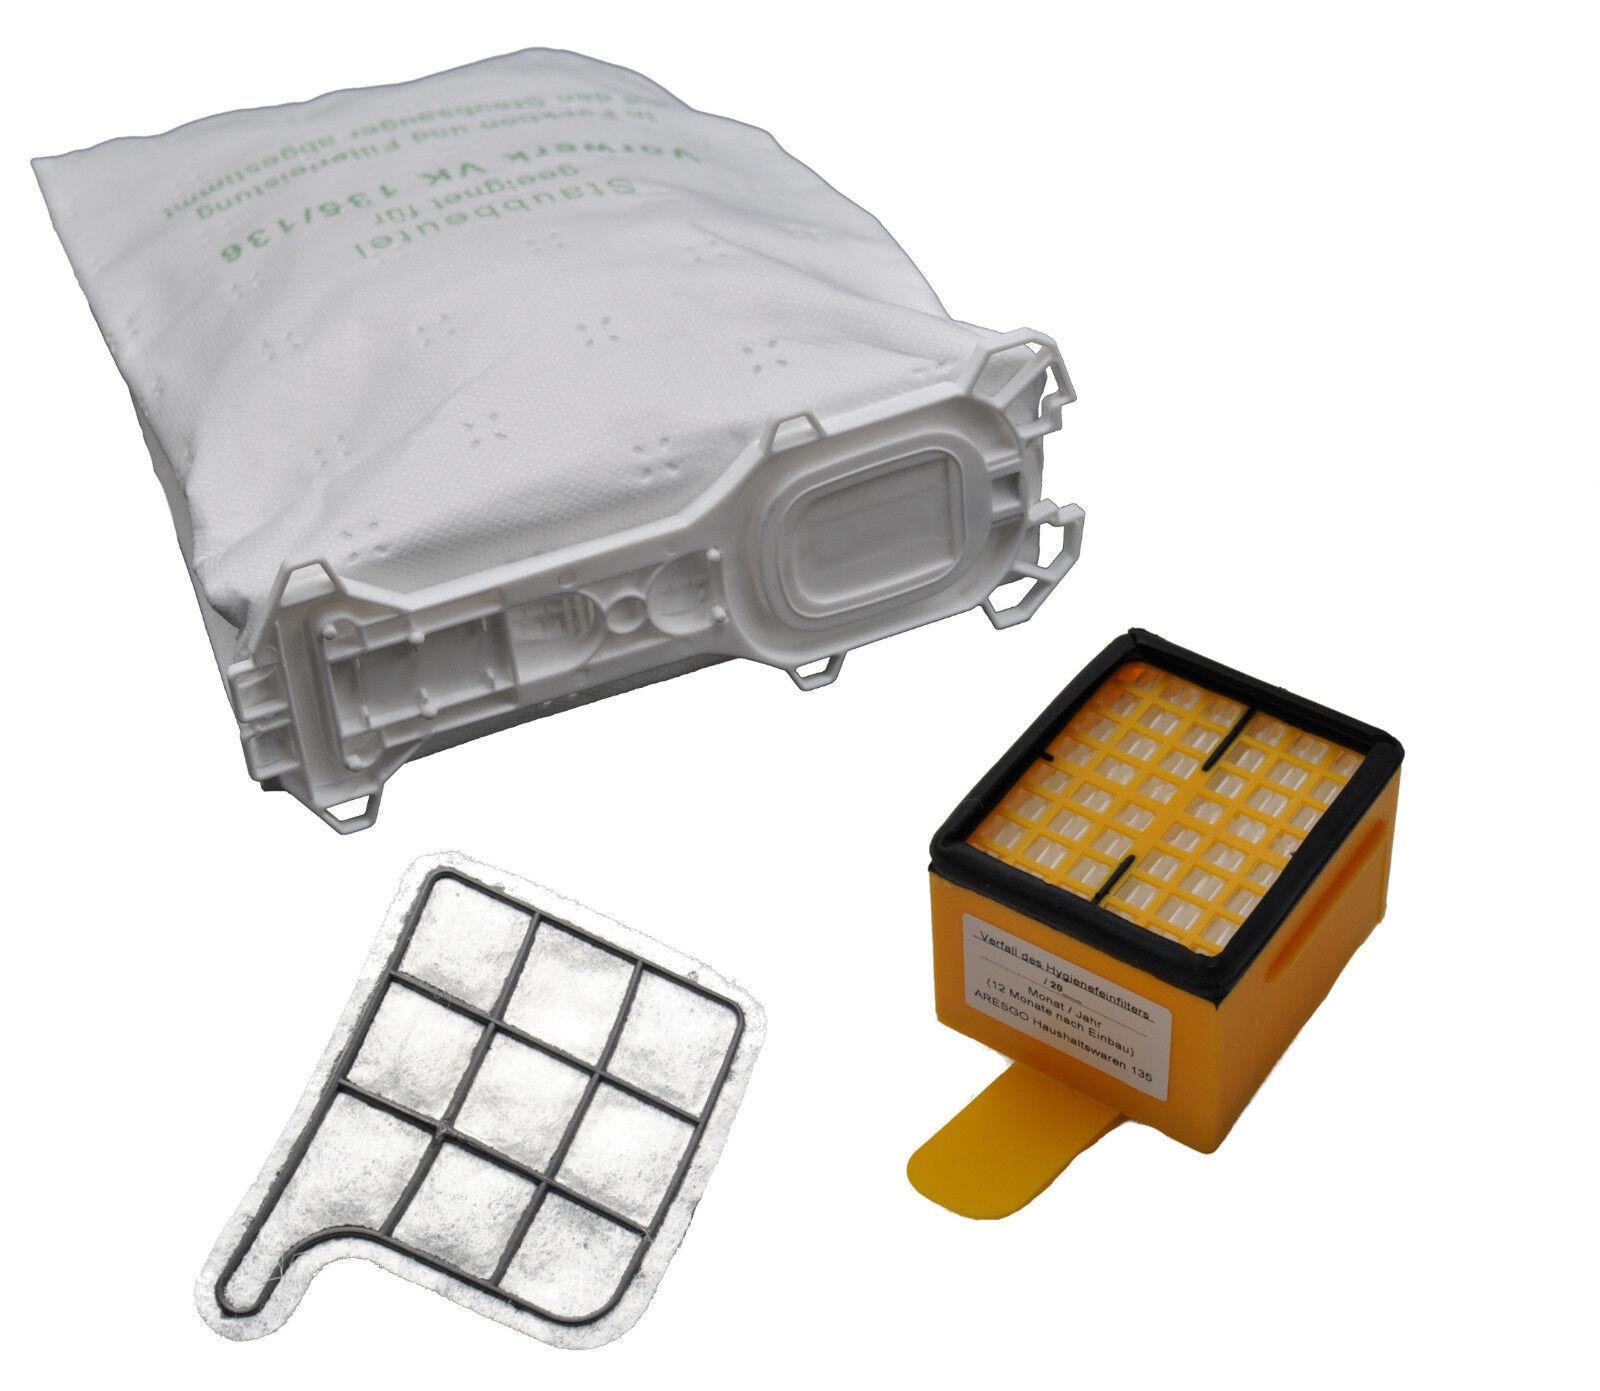 Filterset geeignet Vorwerk Kobold 135 136 Staubsaugerbeutel und alle Filter